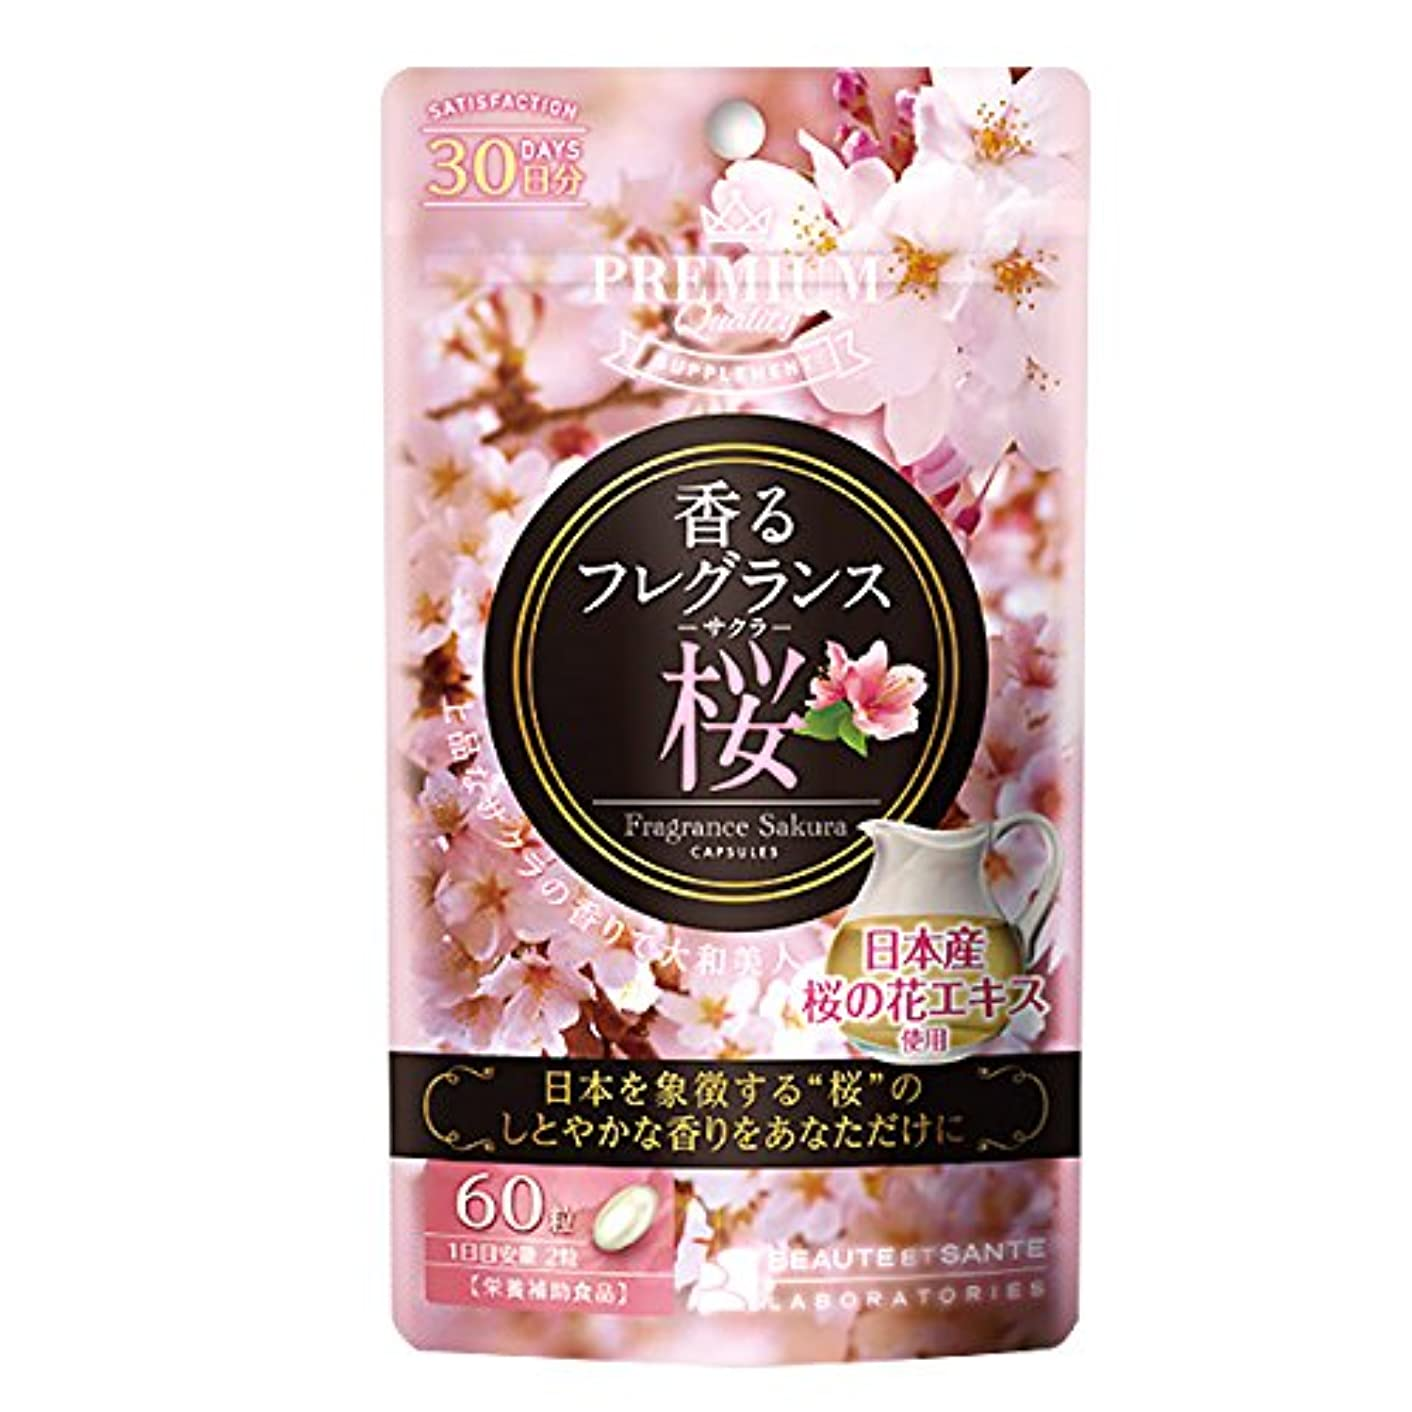 モニター飾る葉を拾う香るフレグランス 桜 [60粒]